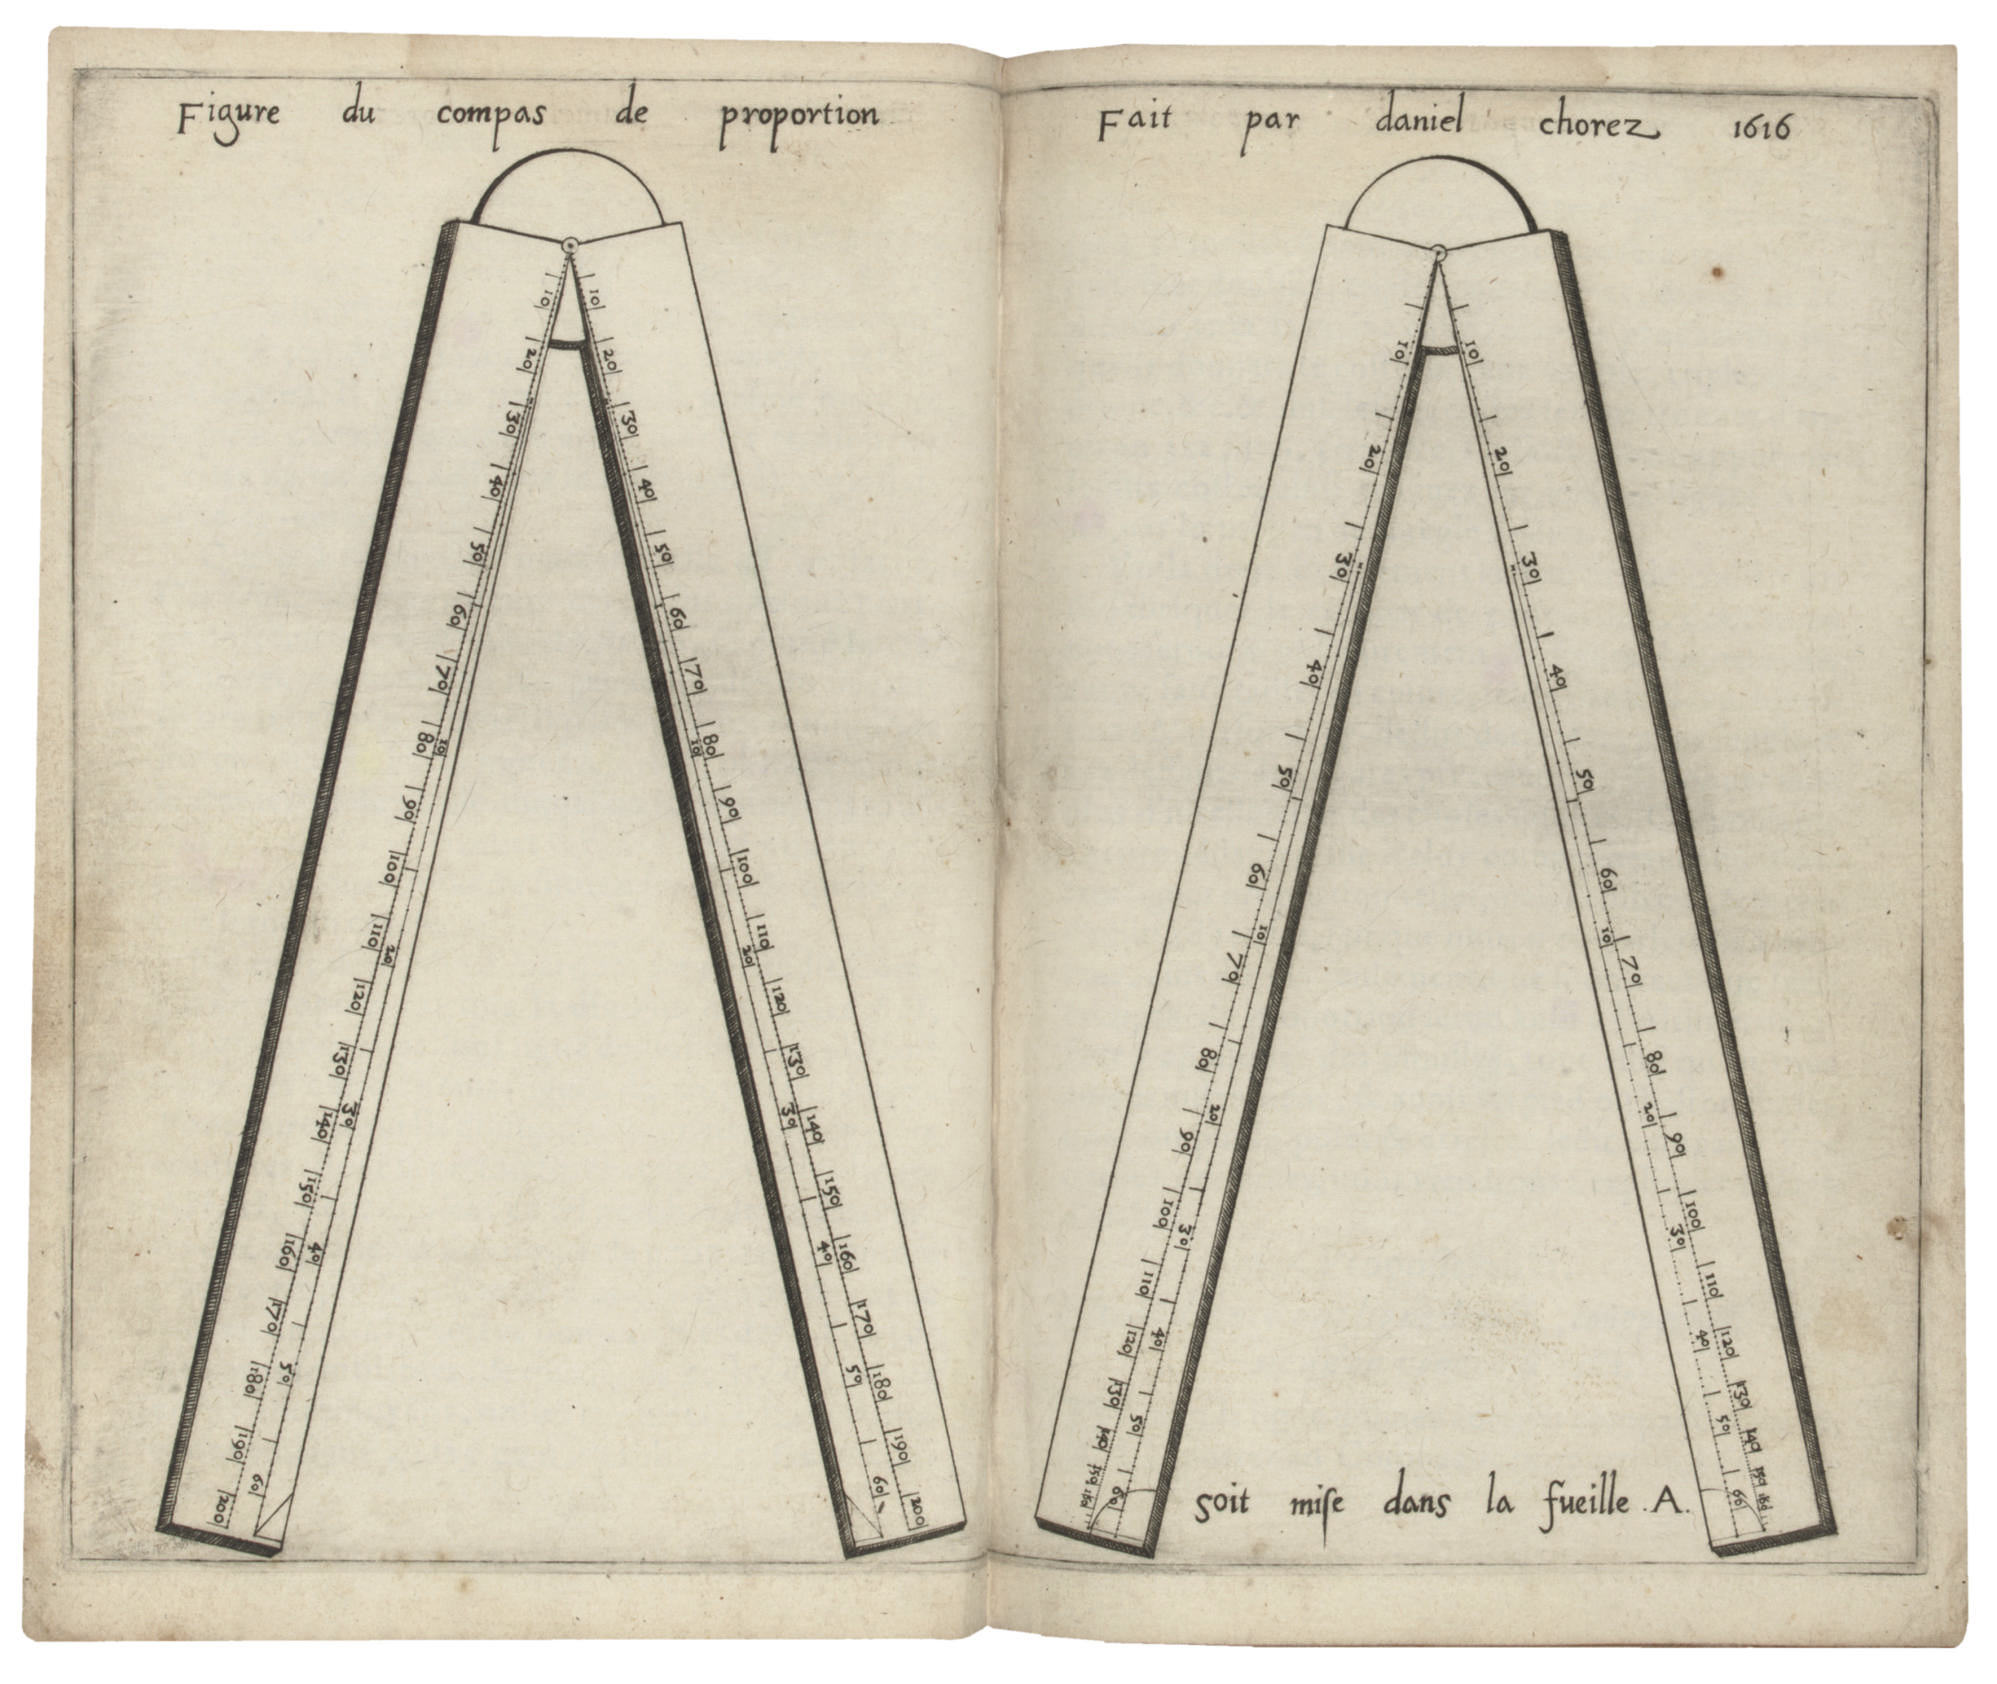 HENRION, Didier (c.1580-c.1632